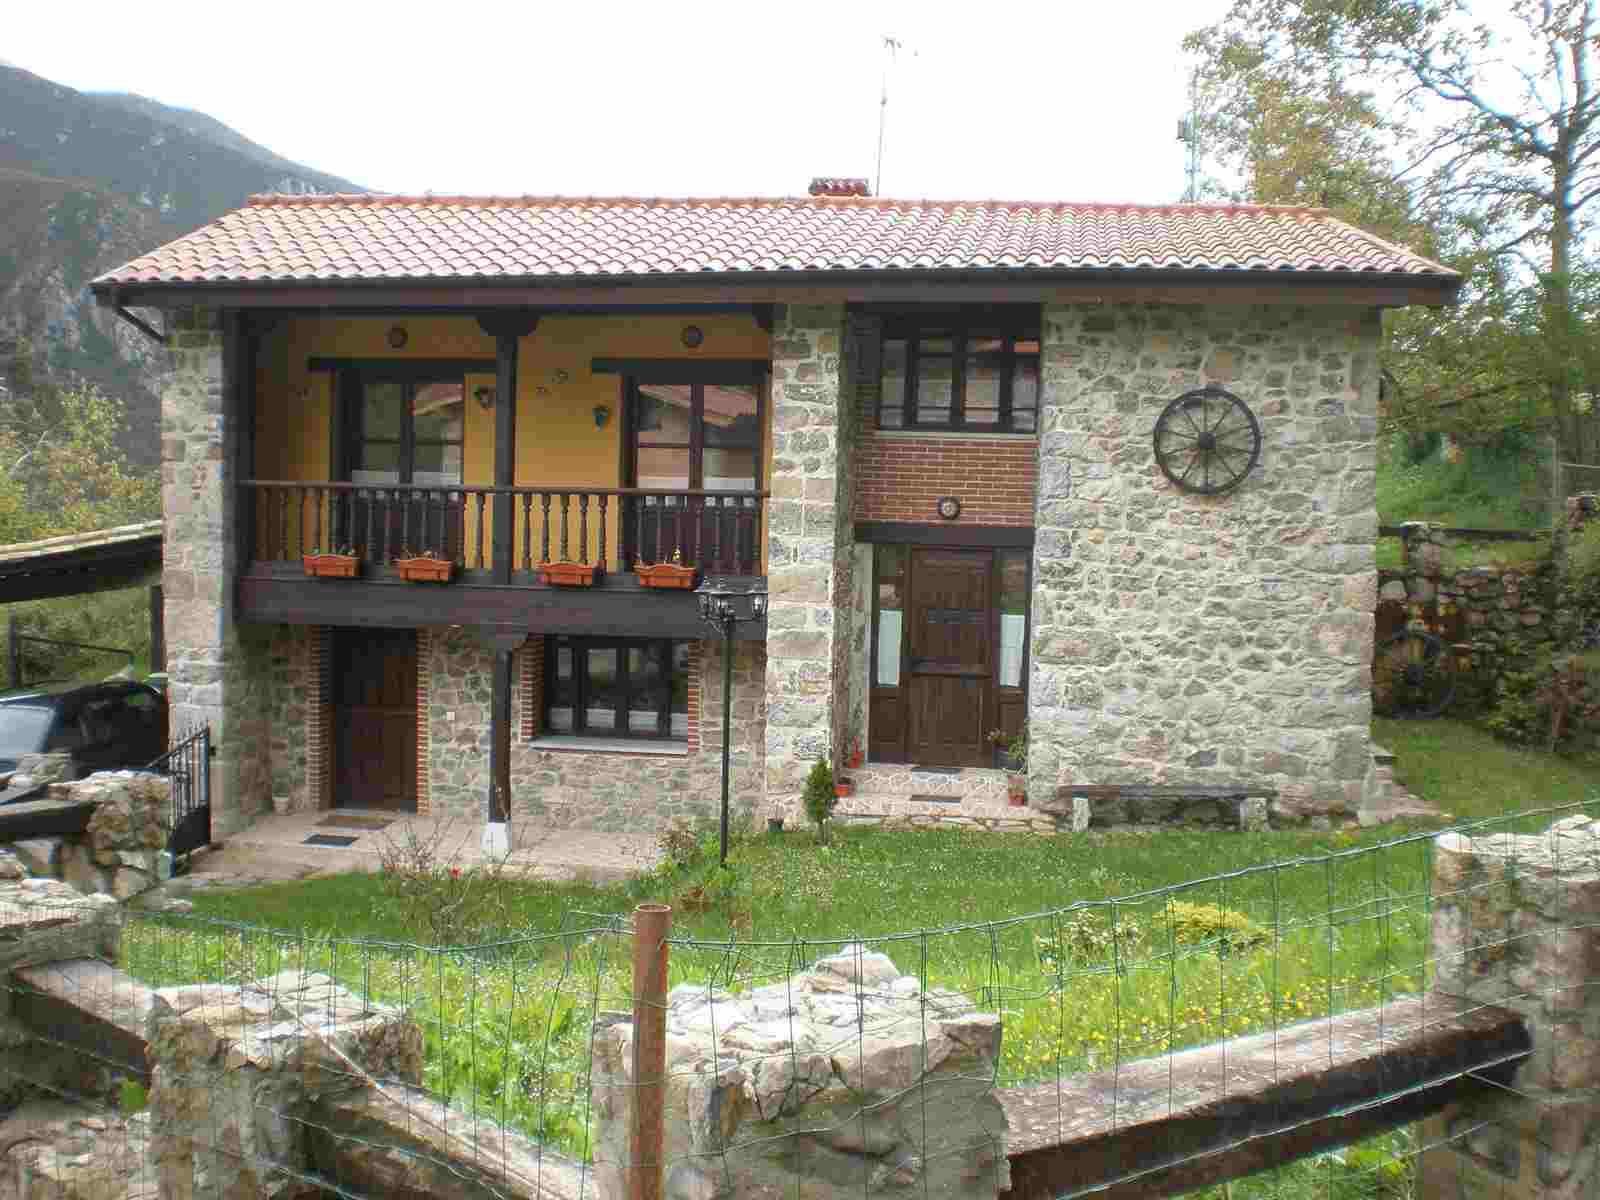 Alquiler vacaciones en Socueva, Asturias